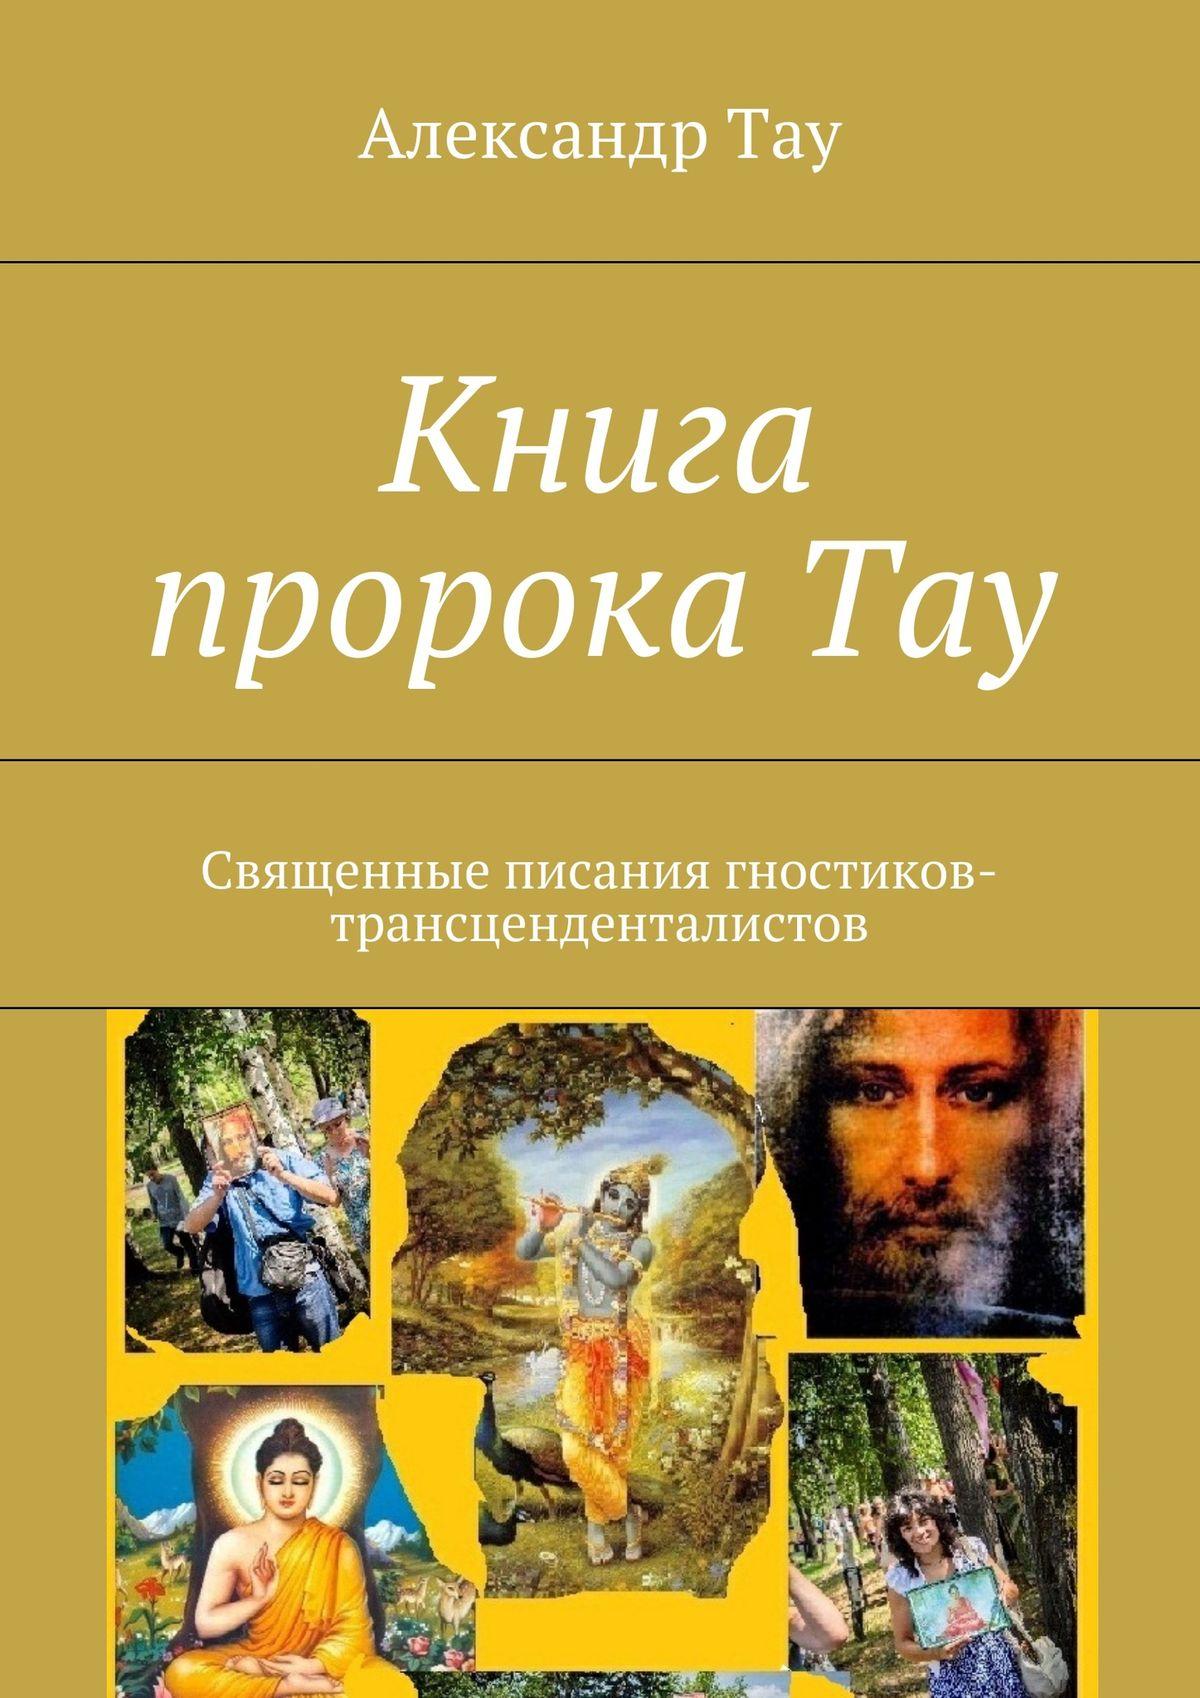 Александр Тау Книга пророка Тау. Священные писания гностиков-трансценденталистов